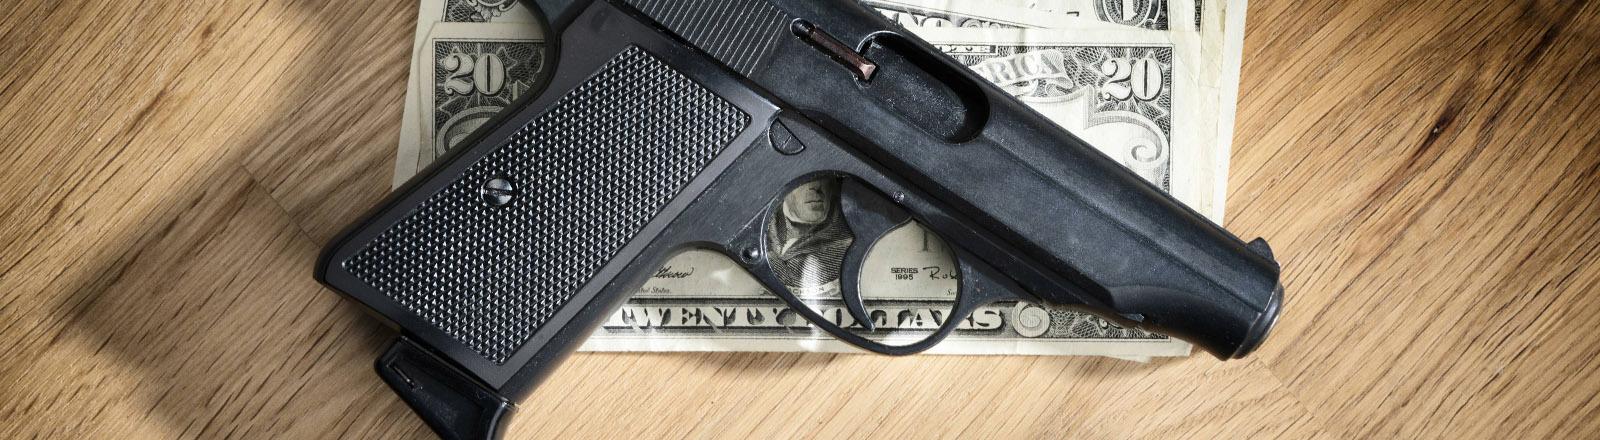 Pistole und Dollarscheine.